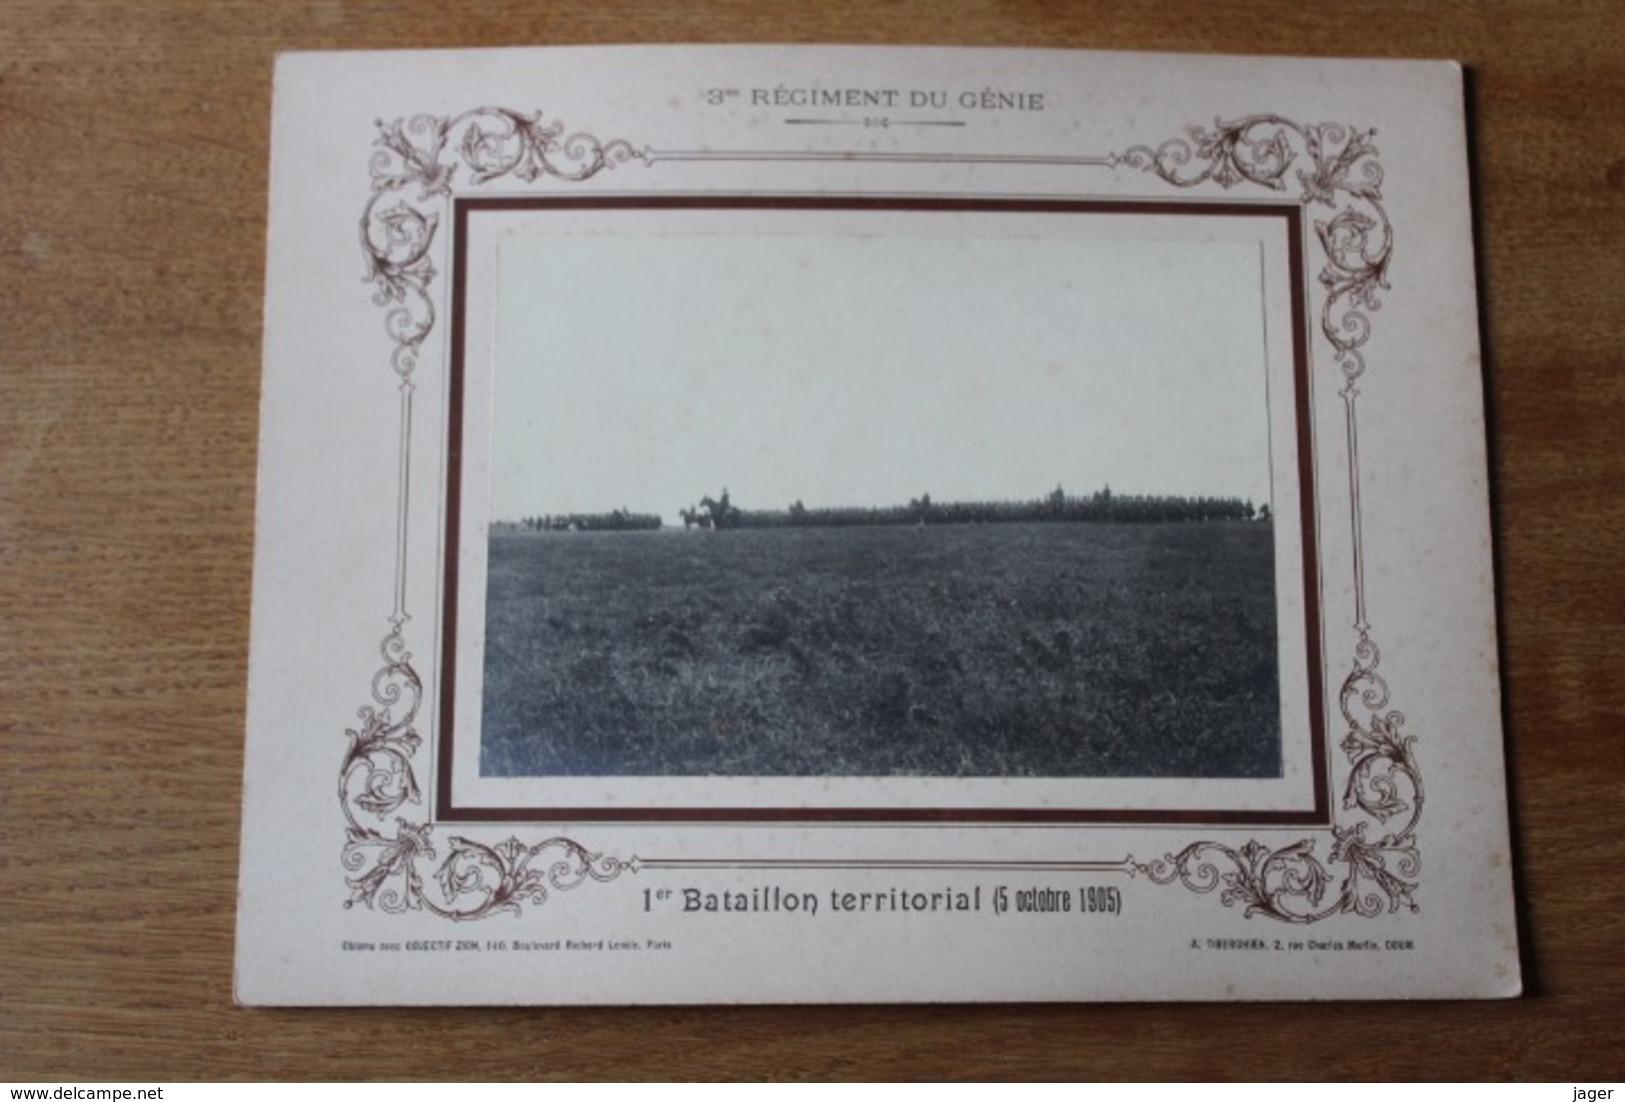 Serie 1 Er Bataillon Territorial 1905 3 Eme Régiment Du Génie  Photographie Militaire - Guerra, Militari